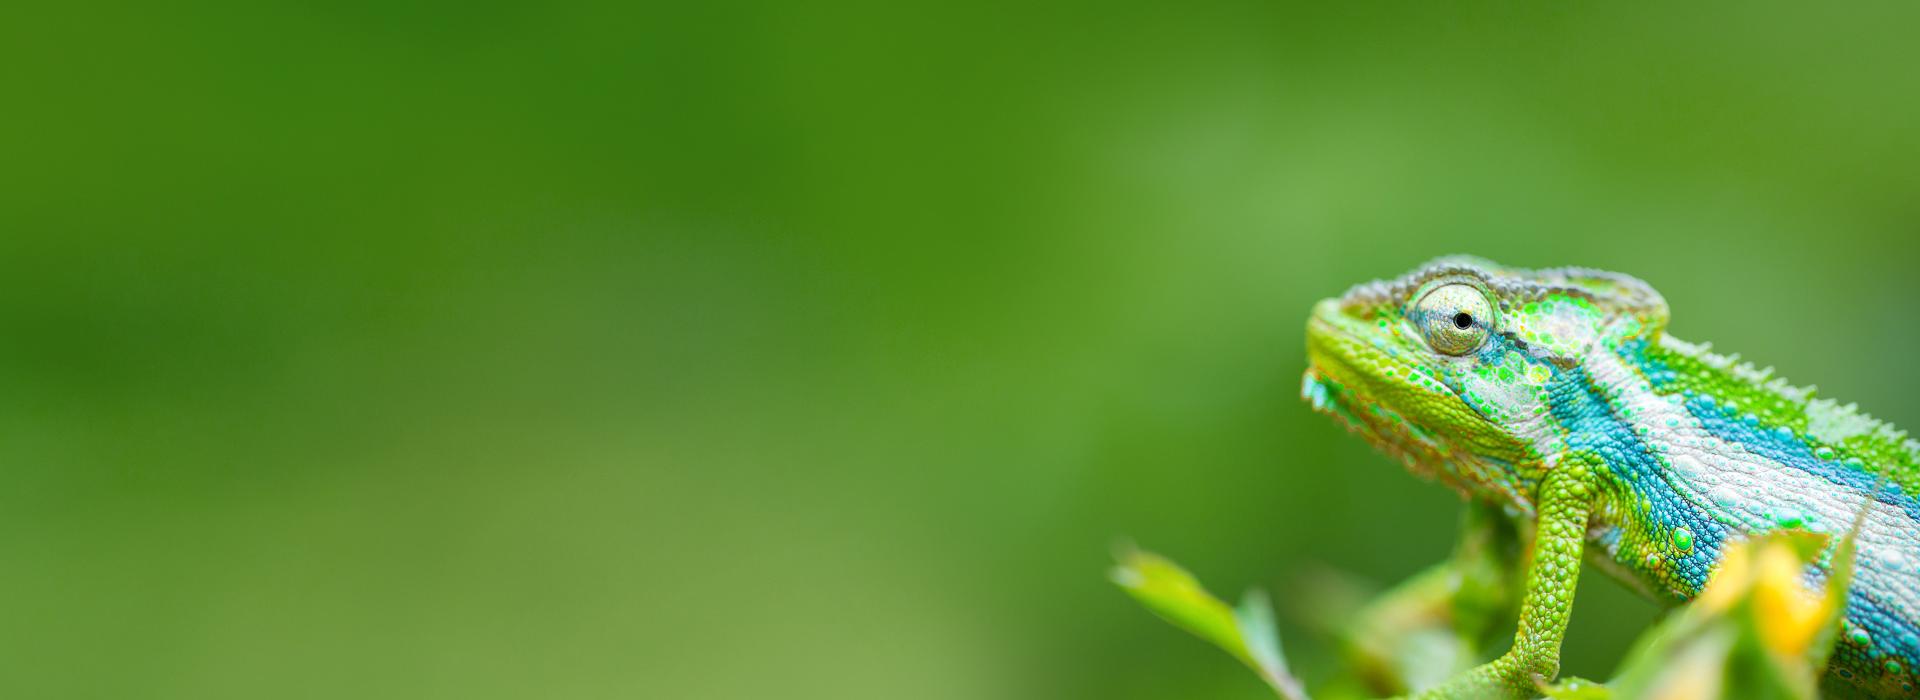 chameleon grün